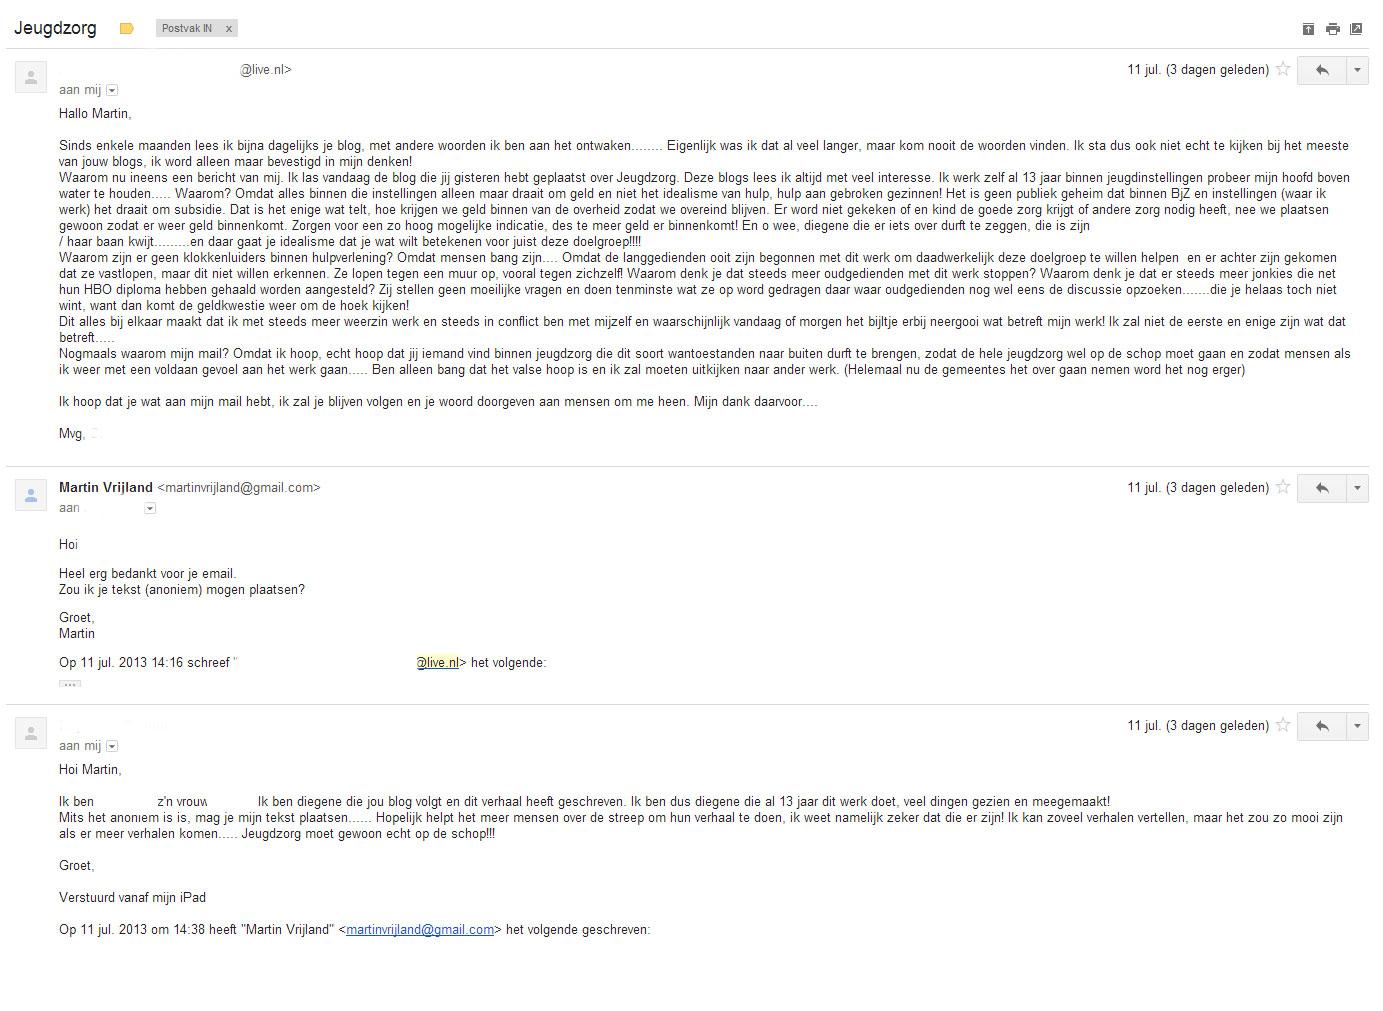 origineel_jeugdzorg_email